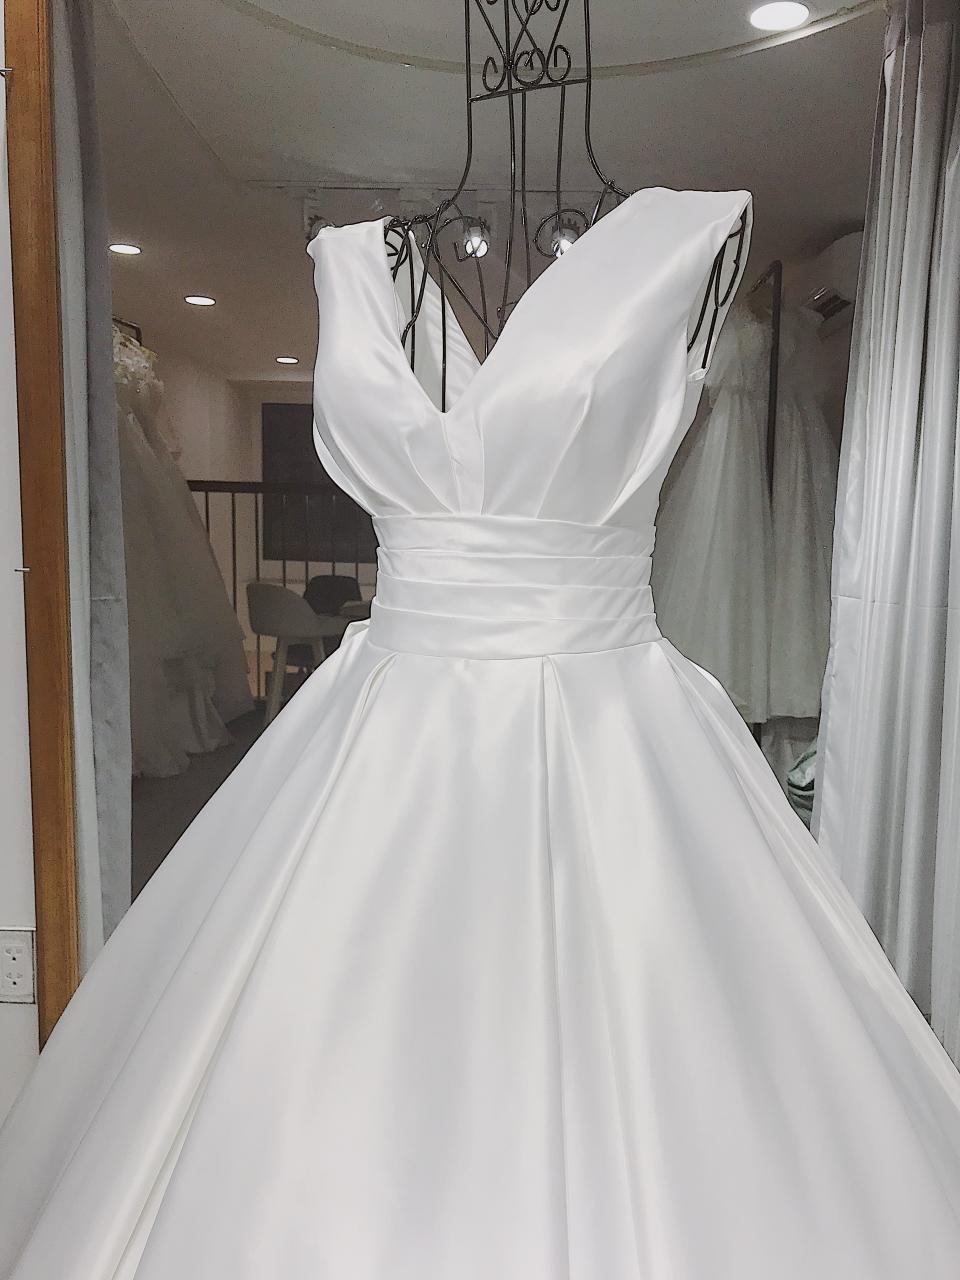 Kinh nghiệm chọn váy cưới đẹp bạn cần lưu ý